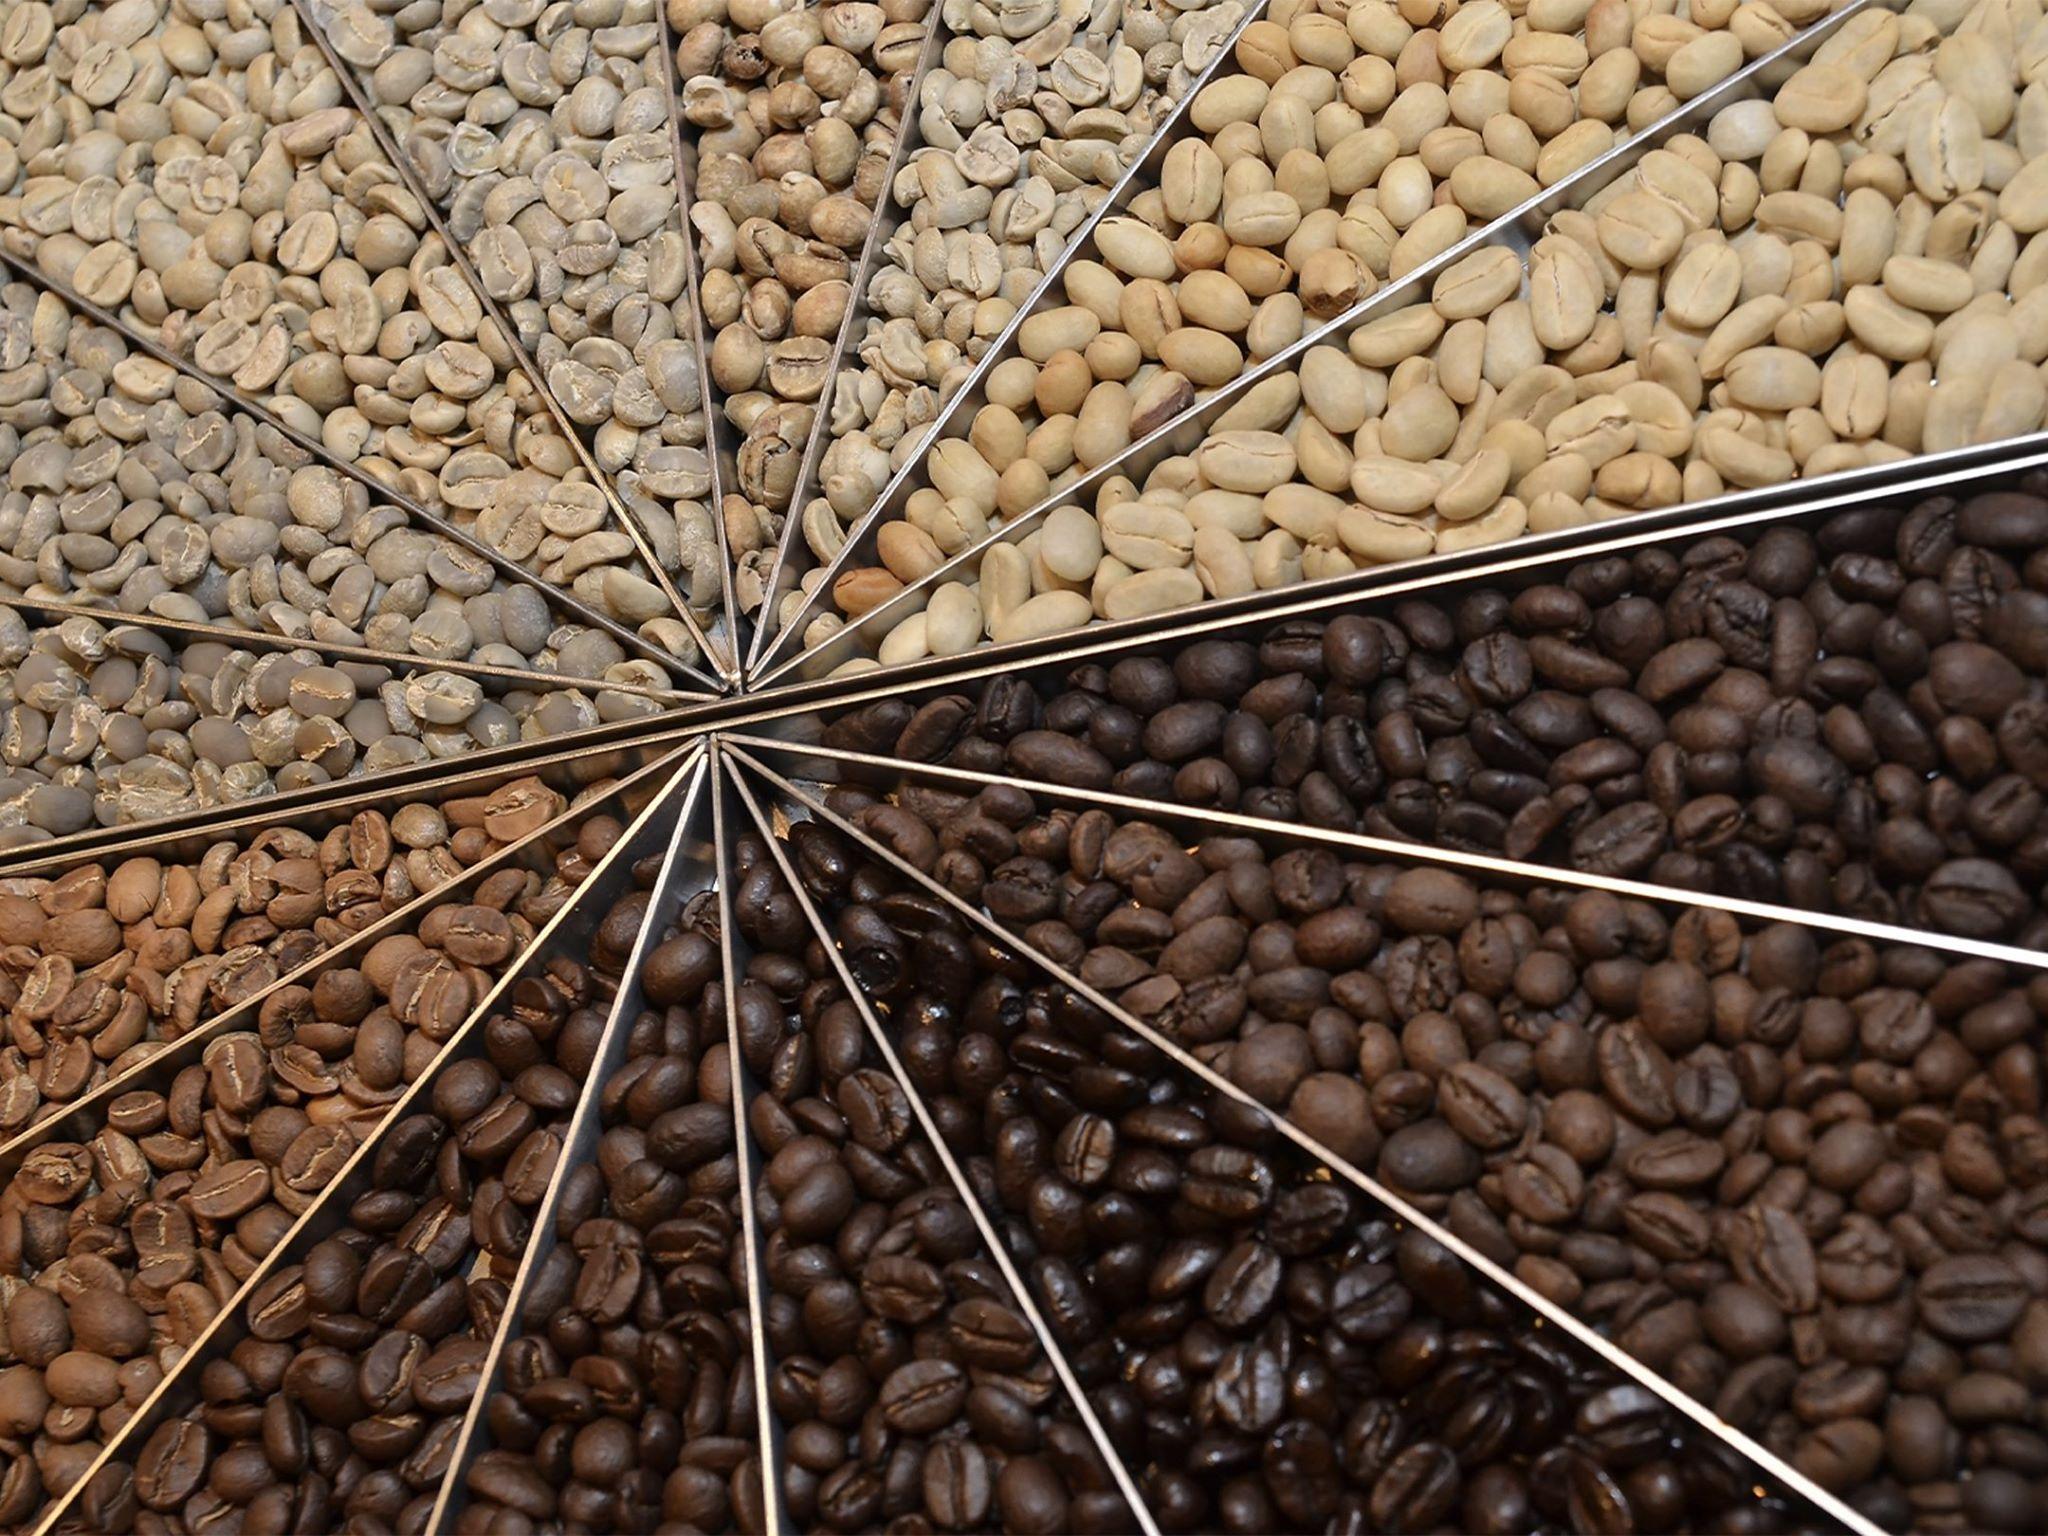 コーヒーには、ランクがある。だけど、ランクだけで好きになれないのは、人間と同じ。